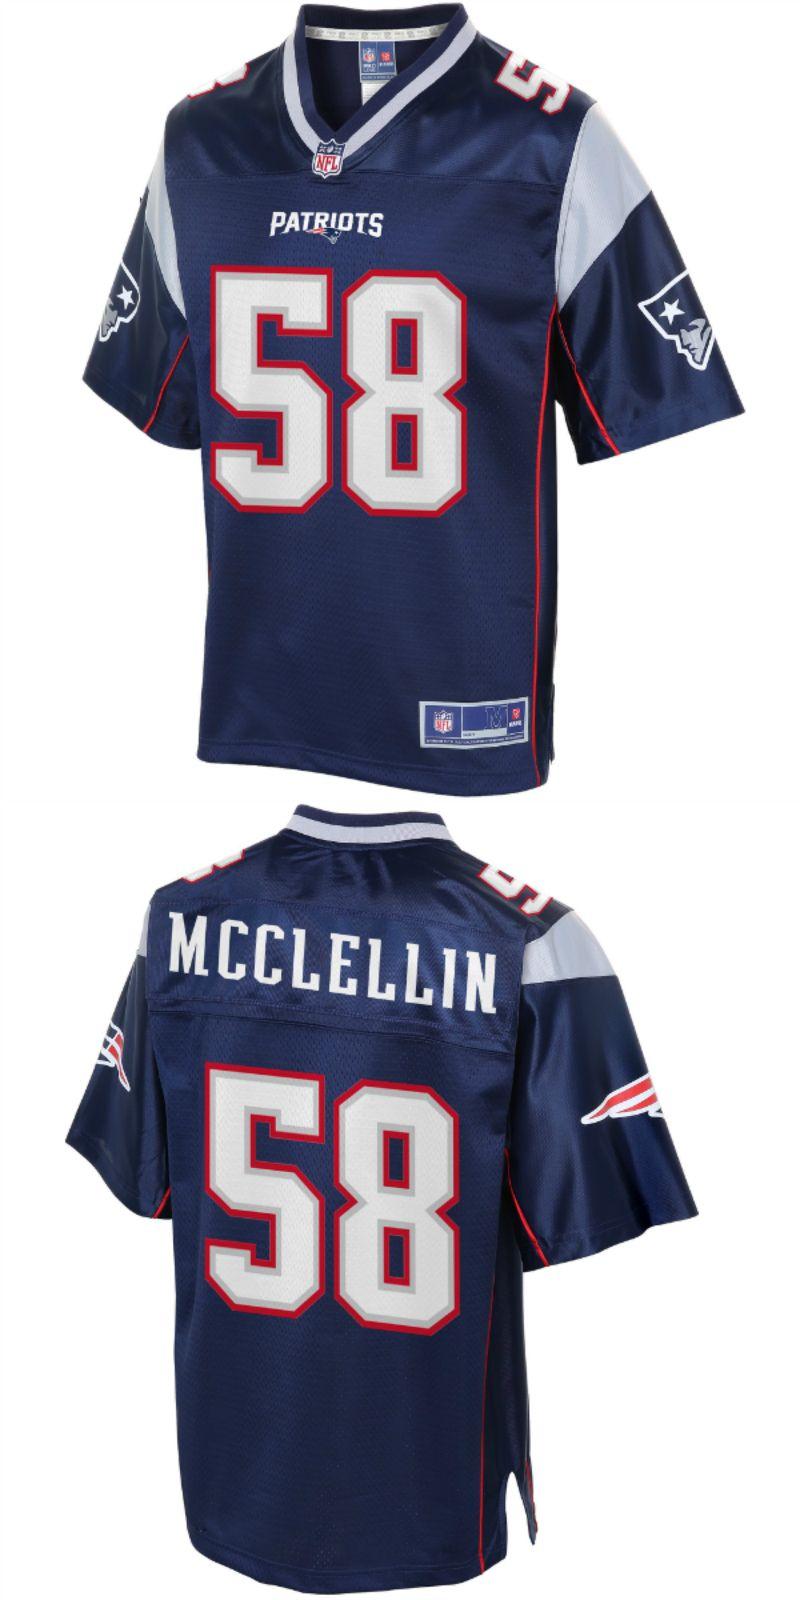 shea mcclellin jersey